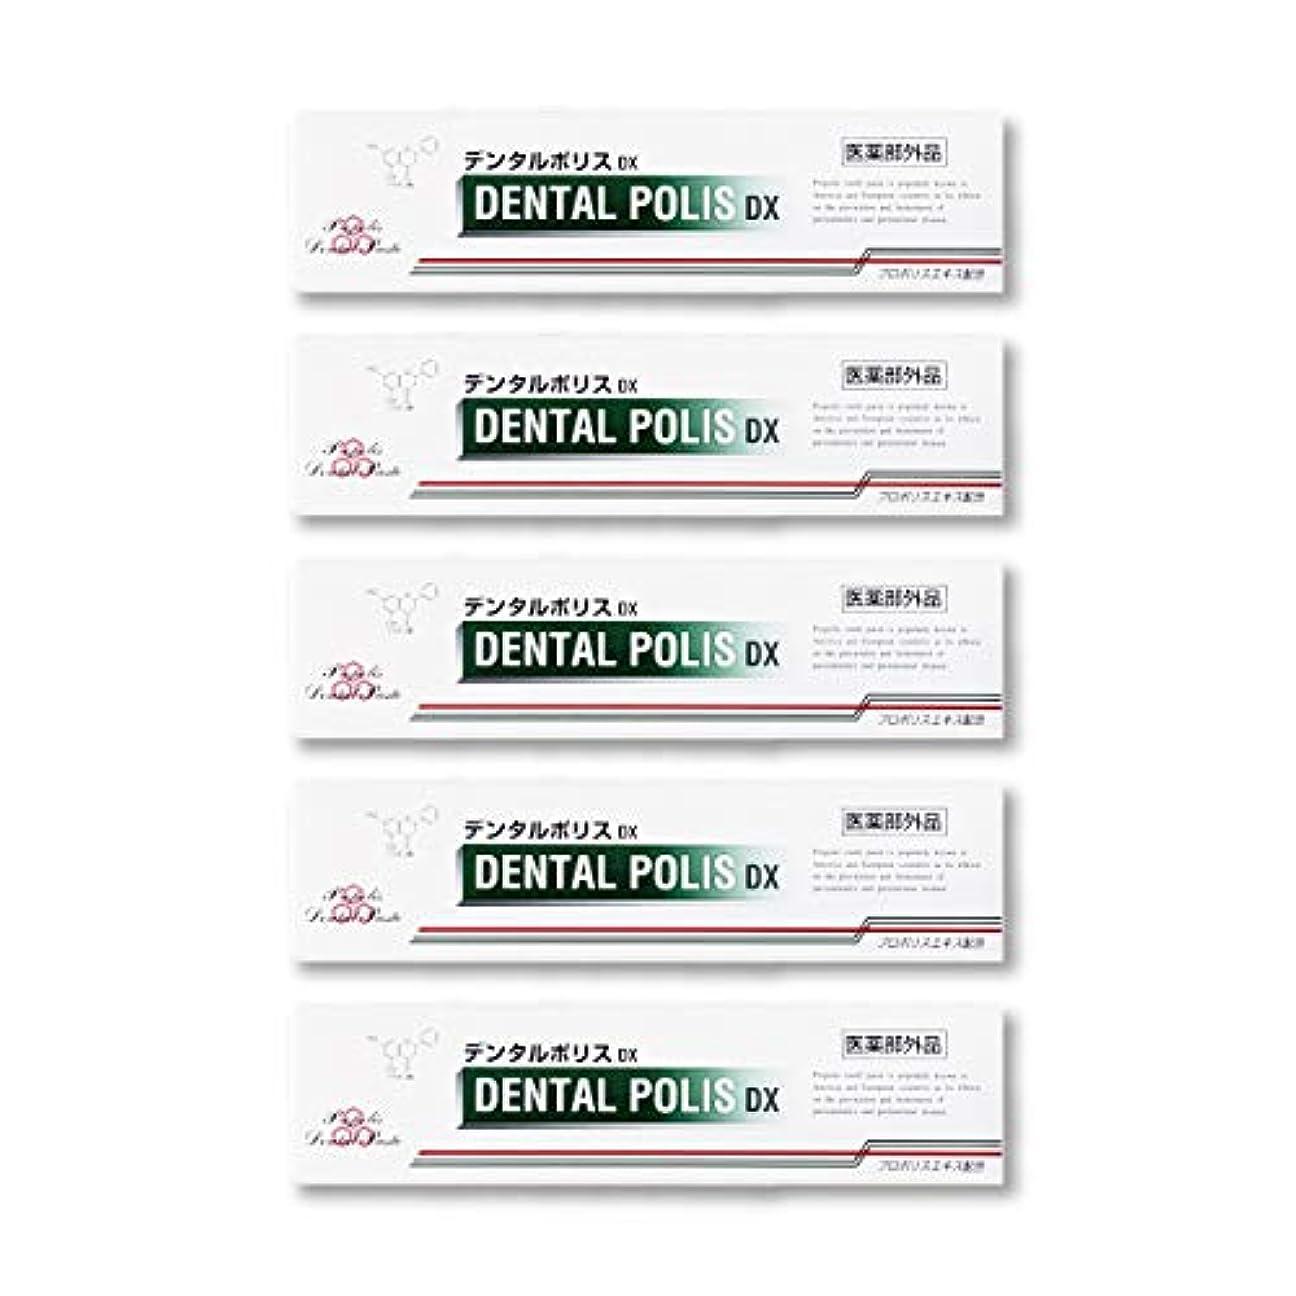 熱意鳥受け入れたデンタルポリスDX  80g   5本セット 医薬部外品  歯みがき